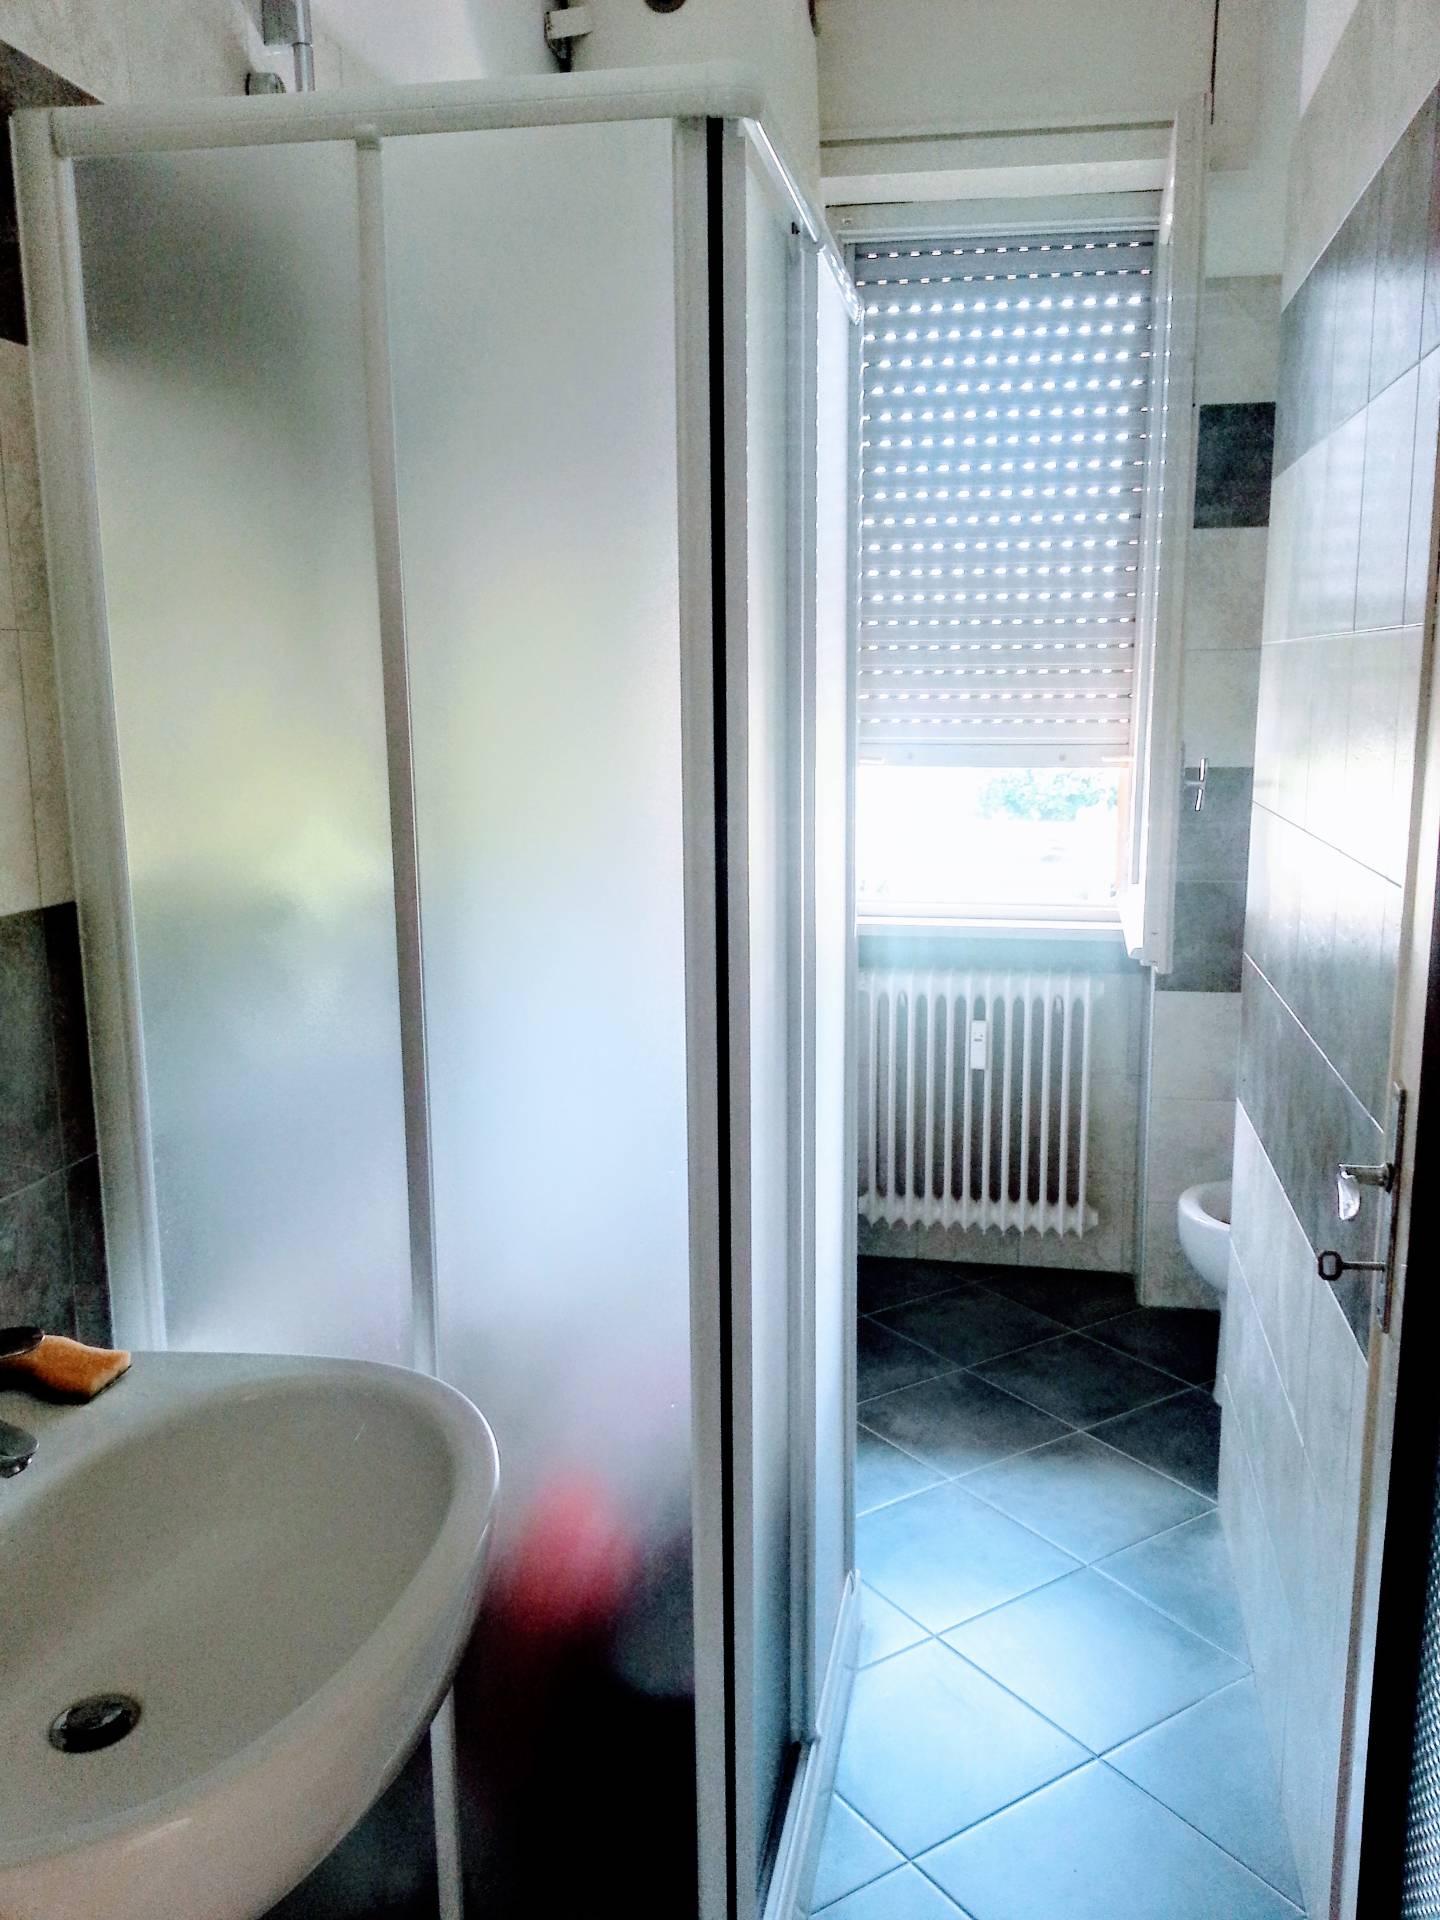 Appartamento in affitto a Casale Monferrato, 4 locali, zona Zona: Popolo, prezzo € 330 | CambioCasa.it